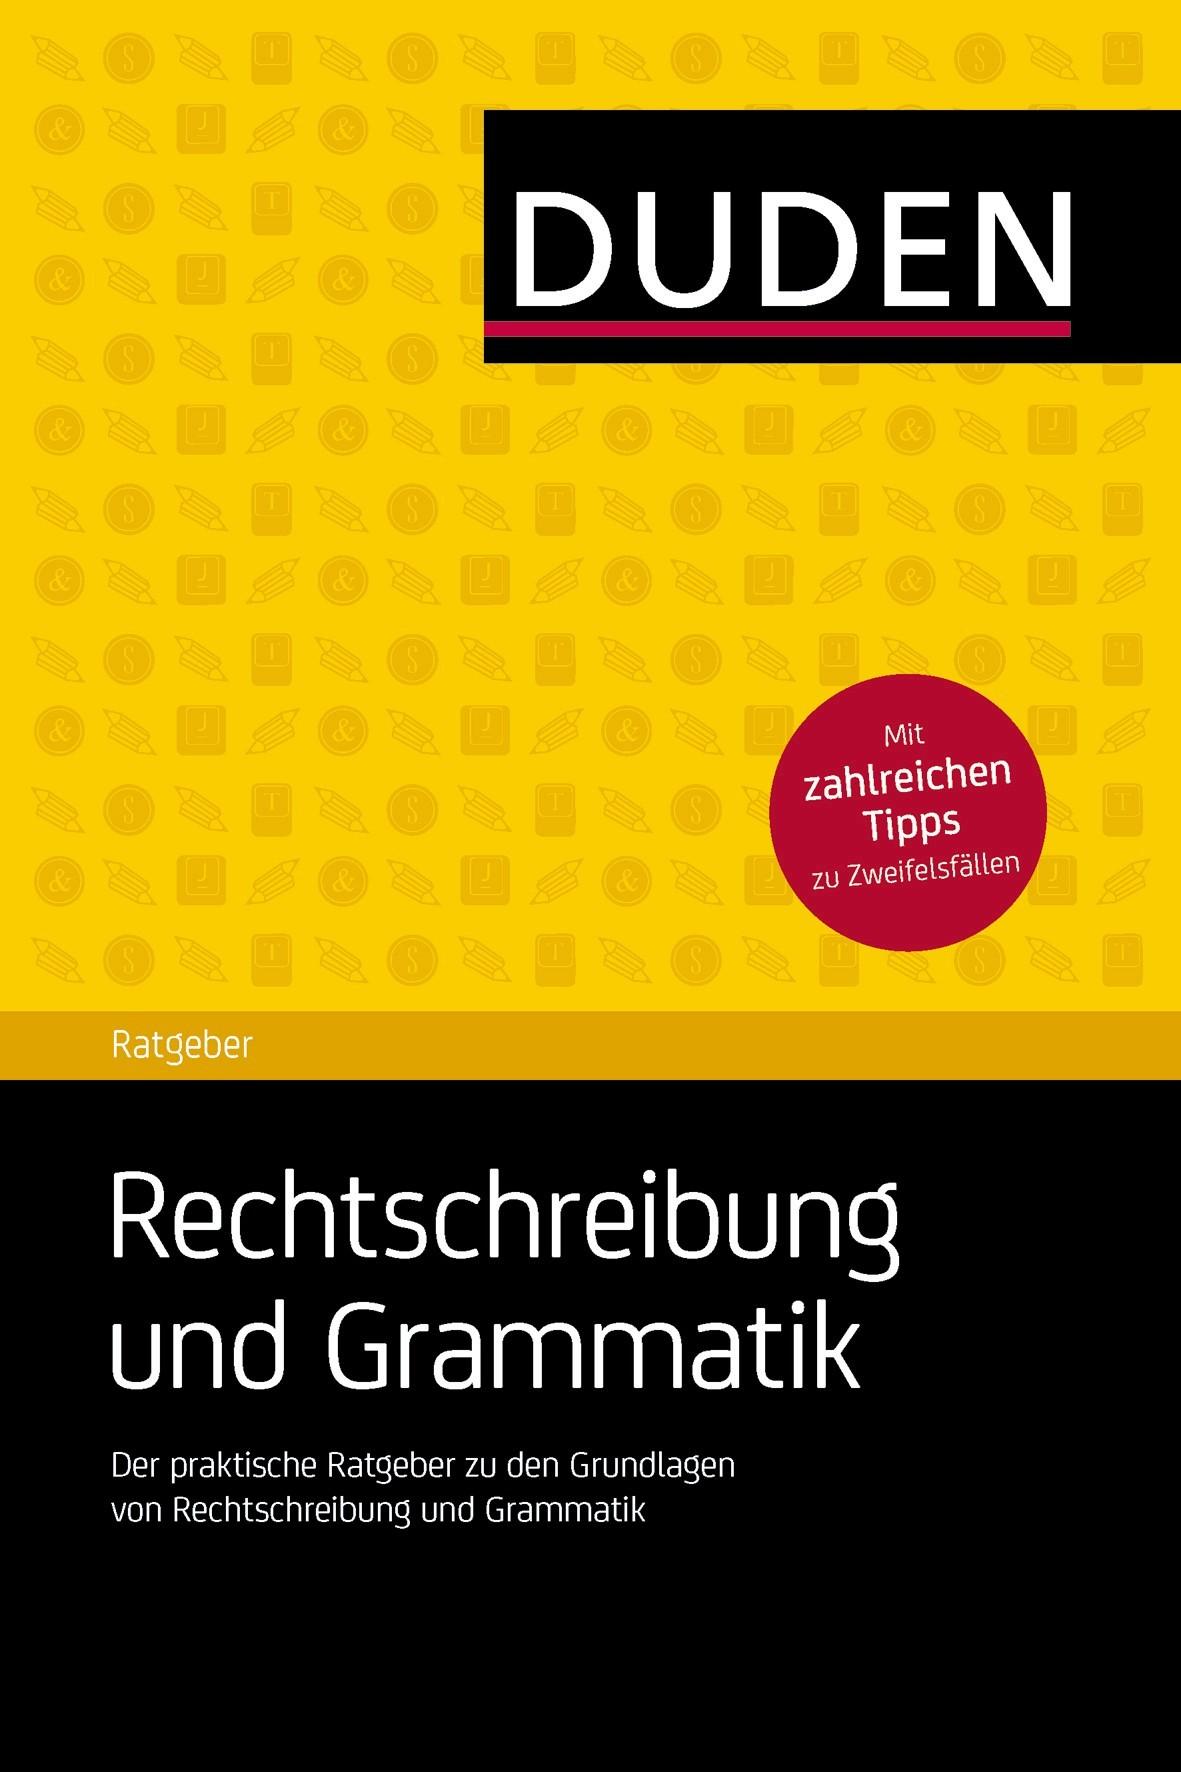 Duden Ratgeber - Rechtschreibung und Grammatik Dudenredaktion